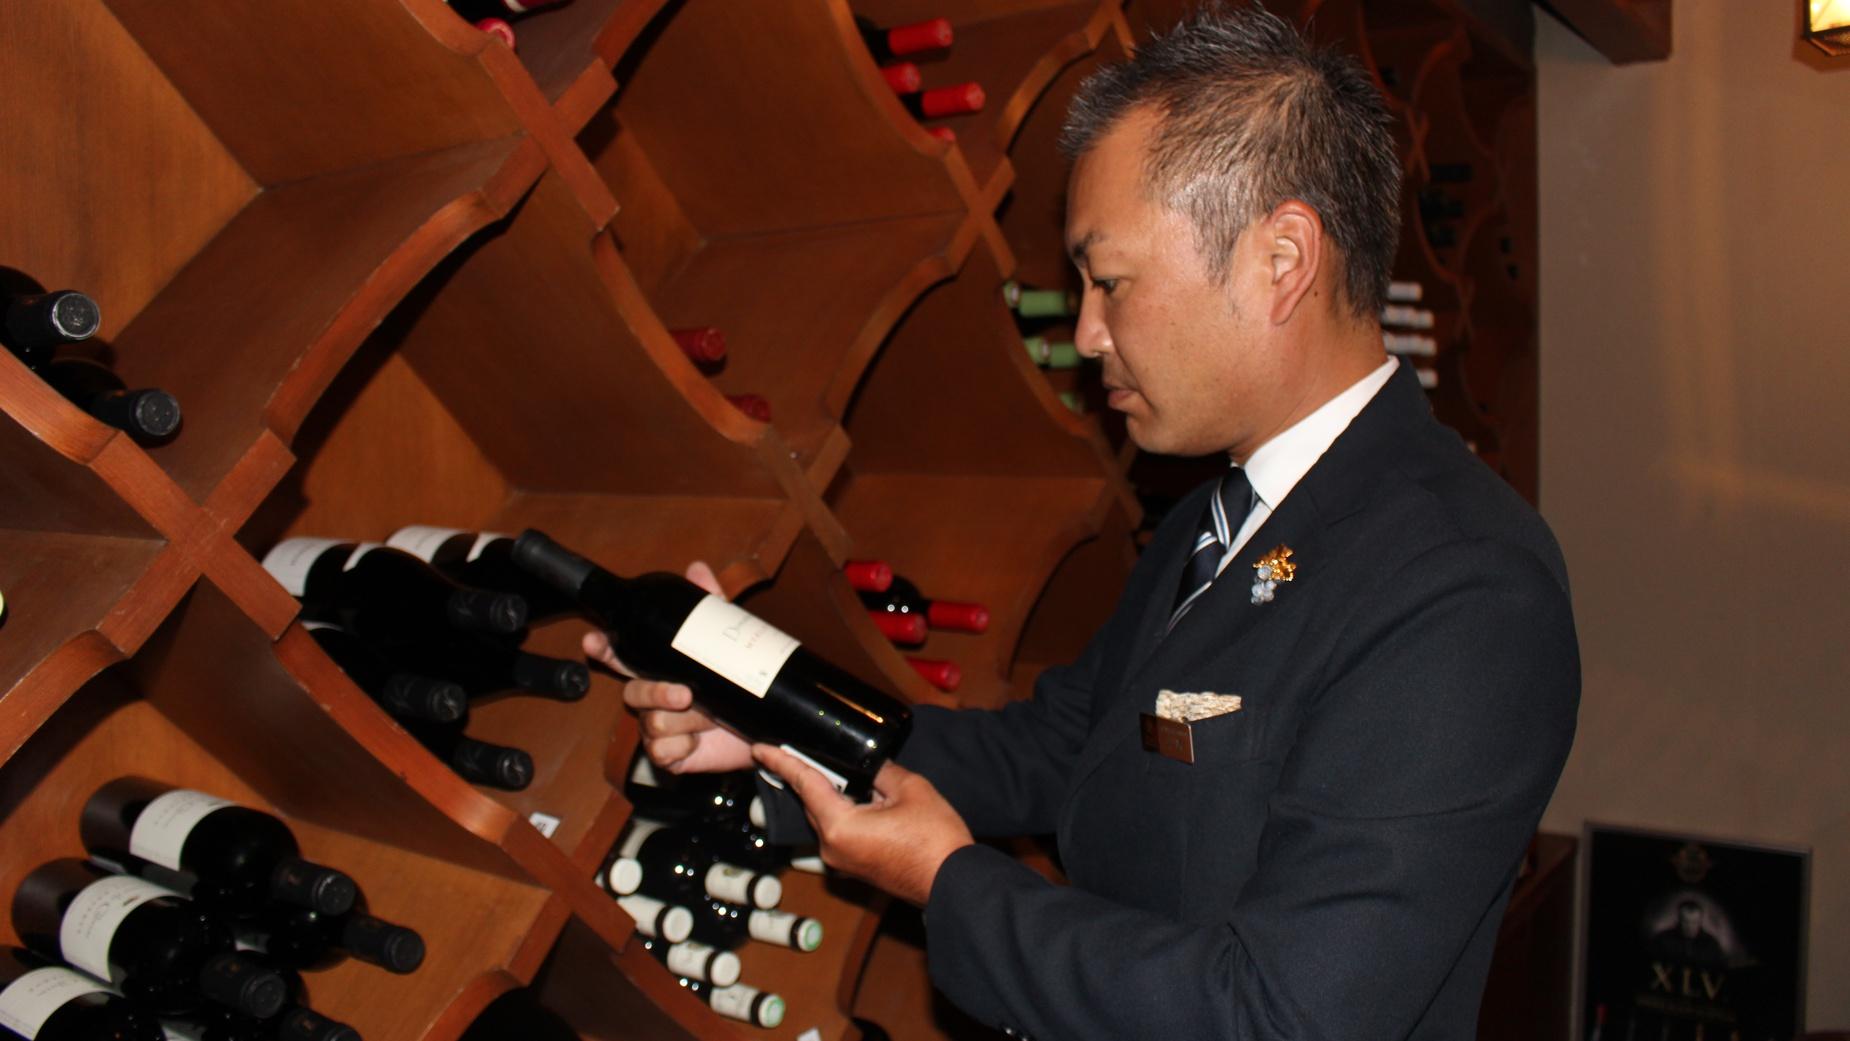 メインダイニング いと桜 ソムリエおすすめワイン&ディナー クラブスイート